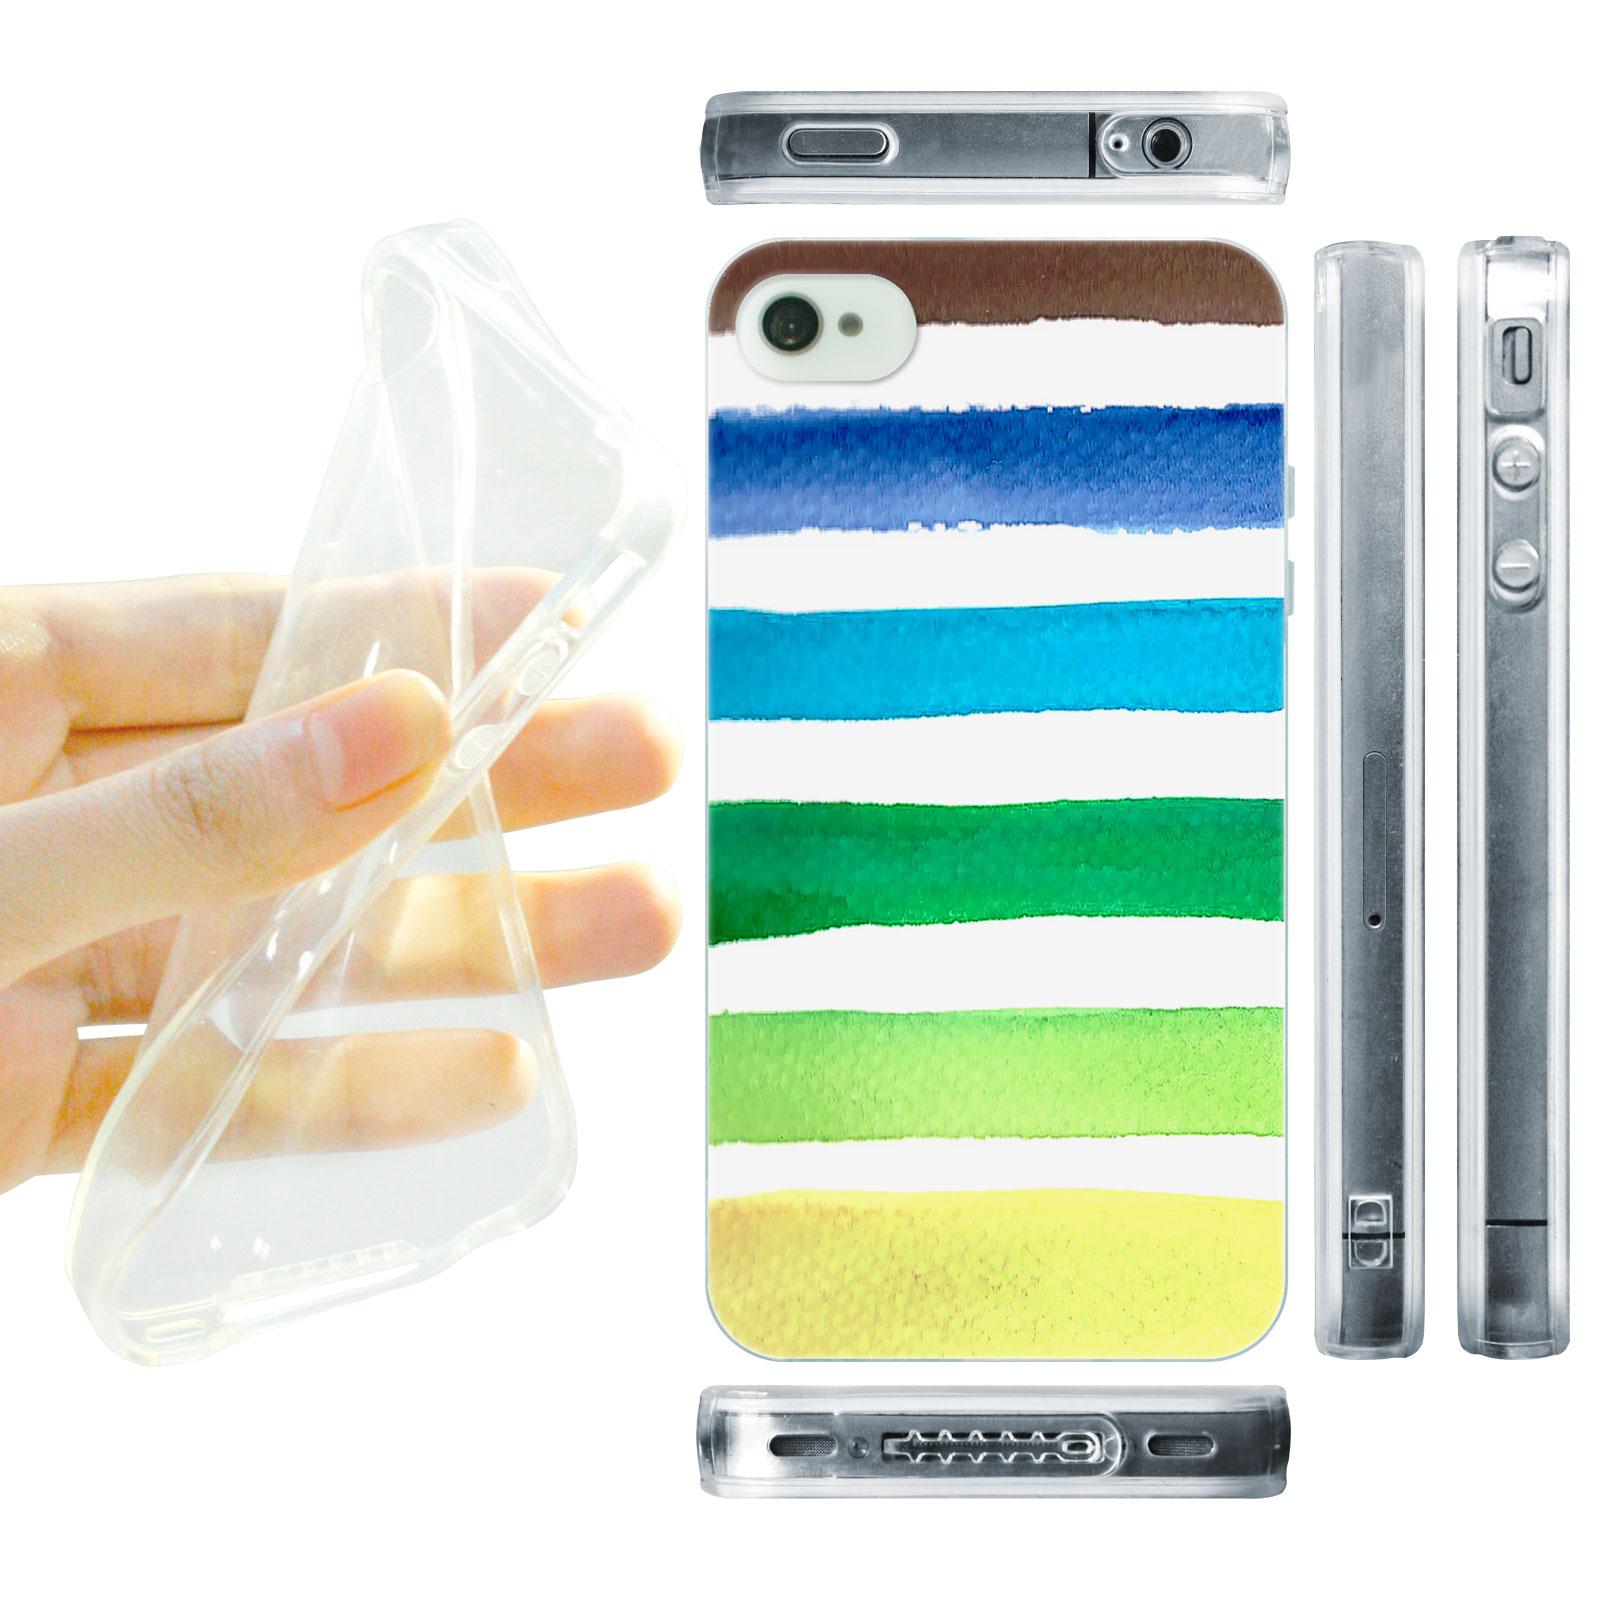 HEAD CASE silikonový obal na mobil Iphone 4/4S Vzor barevné pruhy námořník